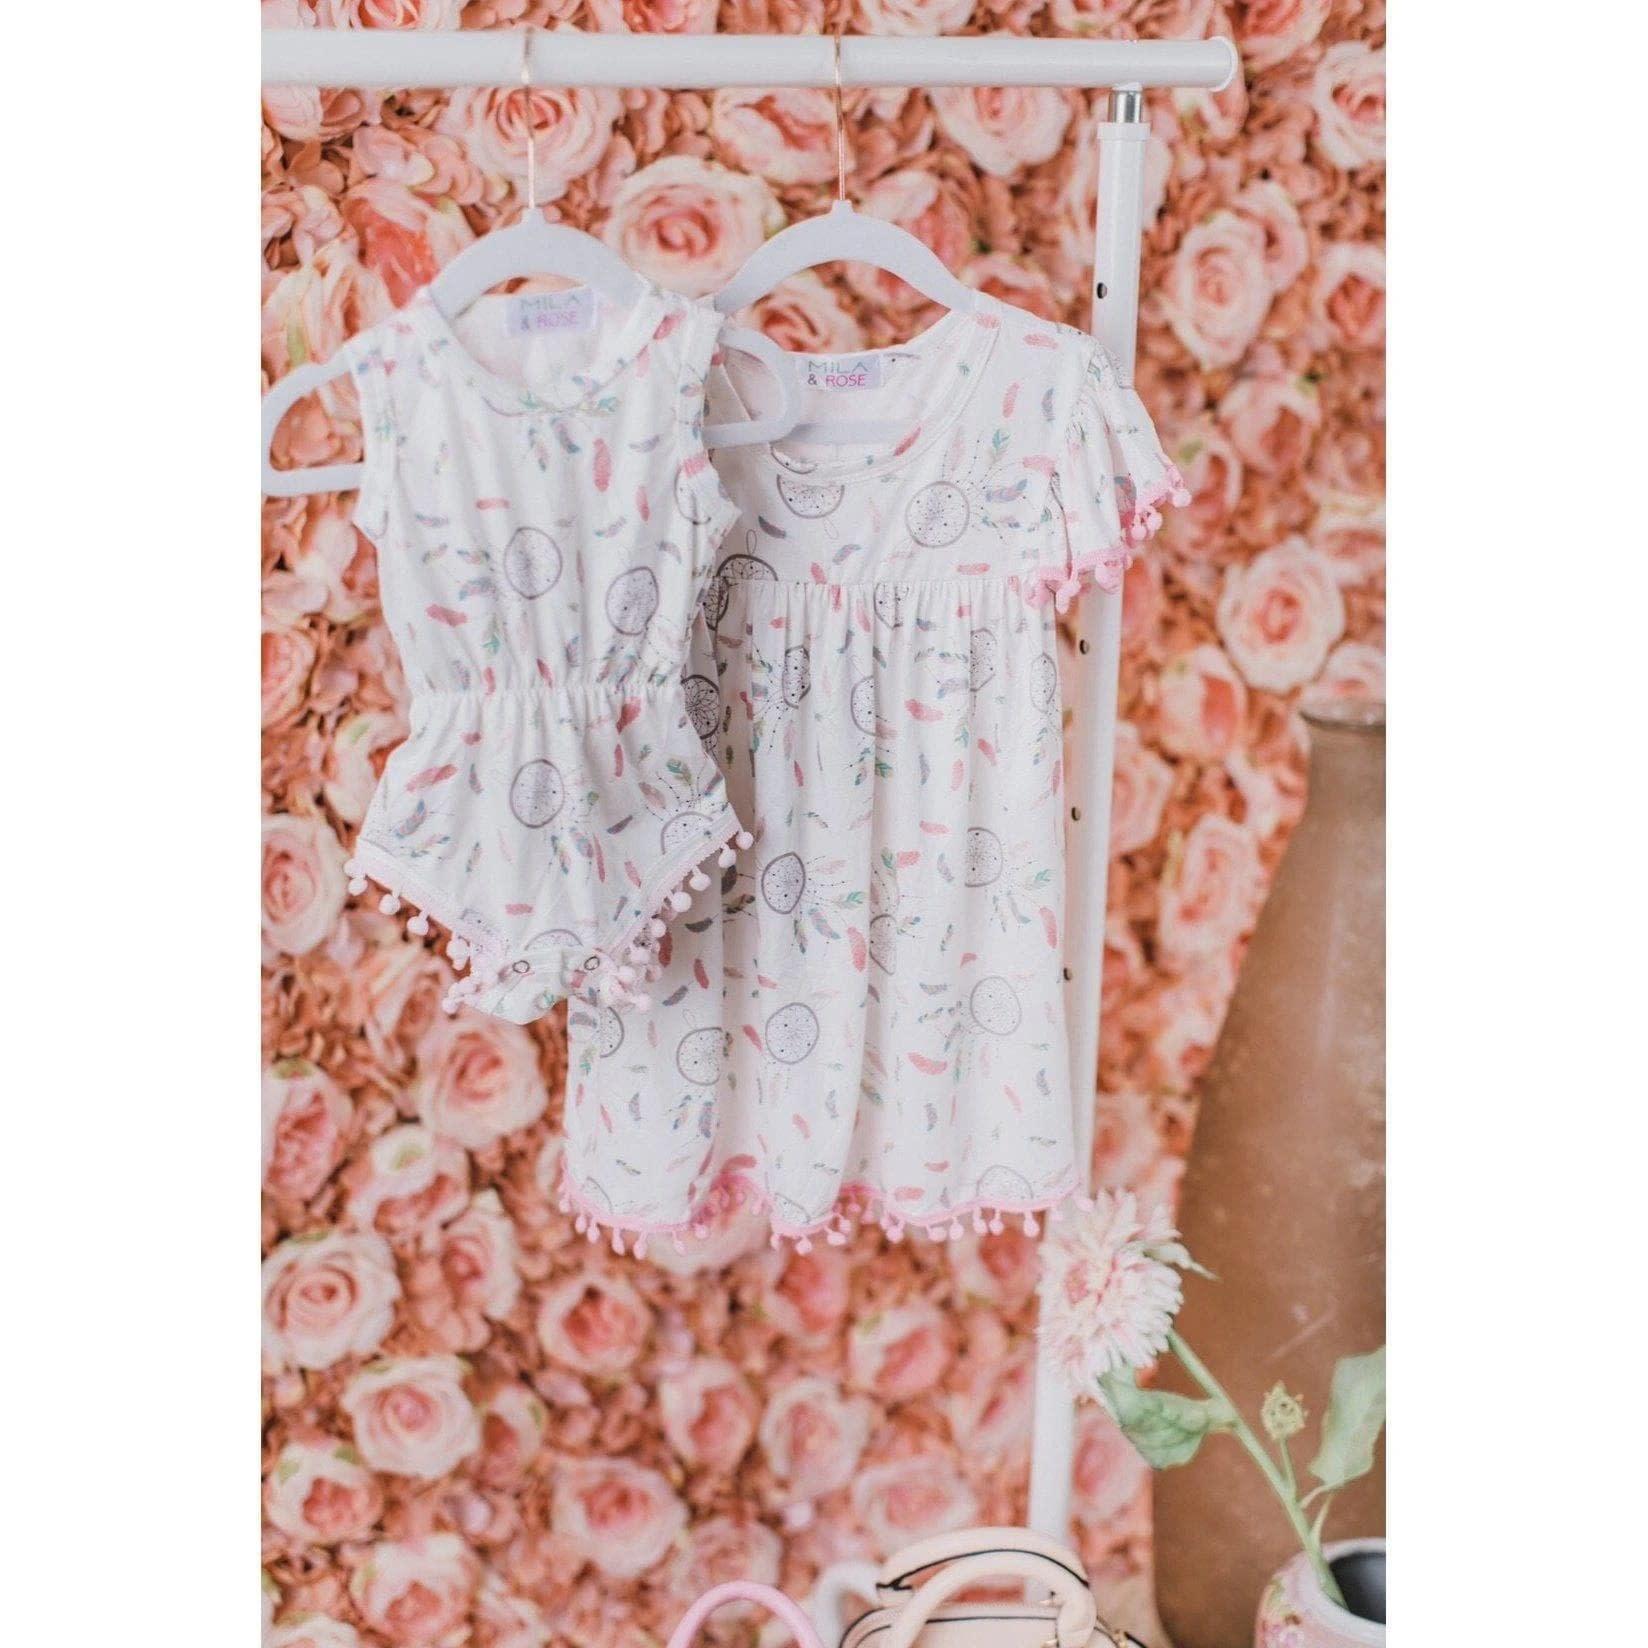 Mila & Rose Dreamy Feathers Pom Pom Dress